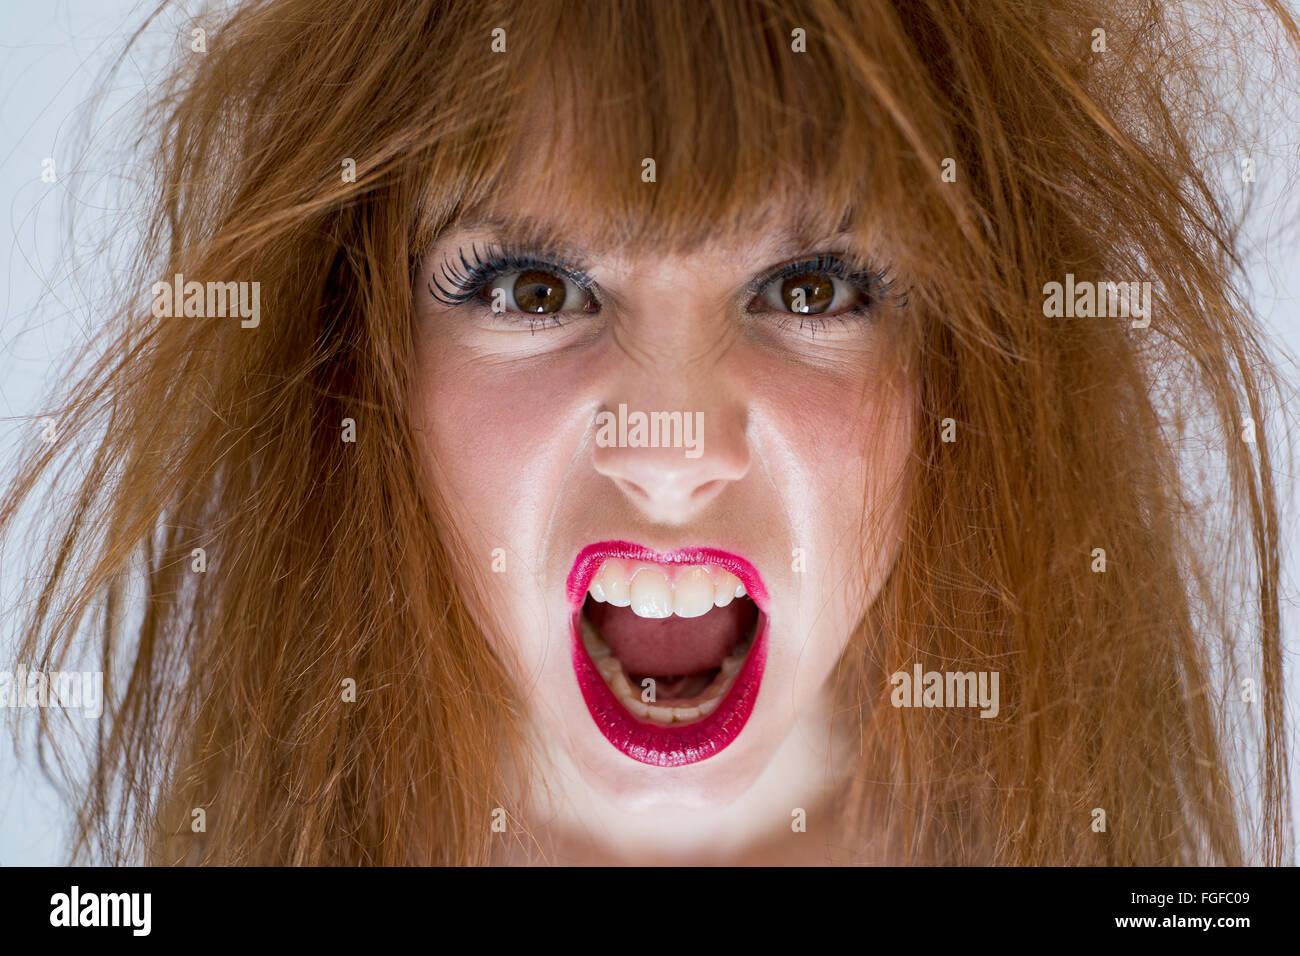 Porträt einer Frau mit chaotisch zerzausten Haaren mit einem Ausdruck von Wut Stockbild